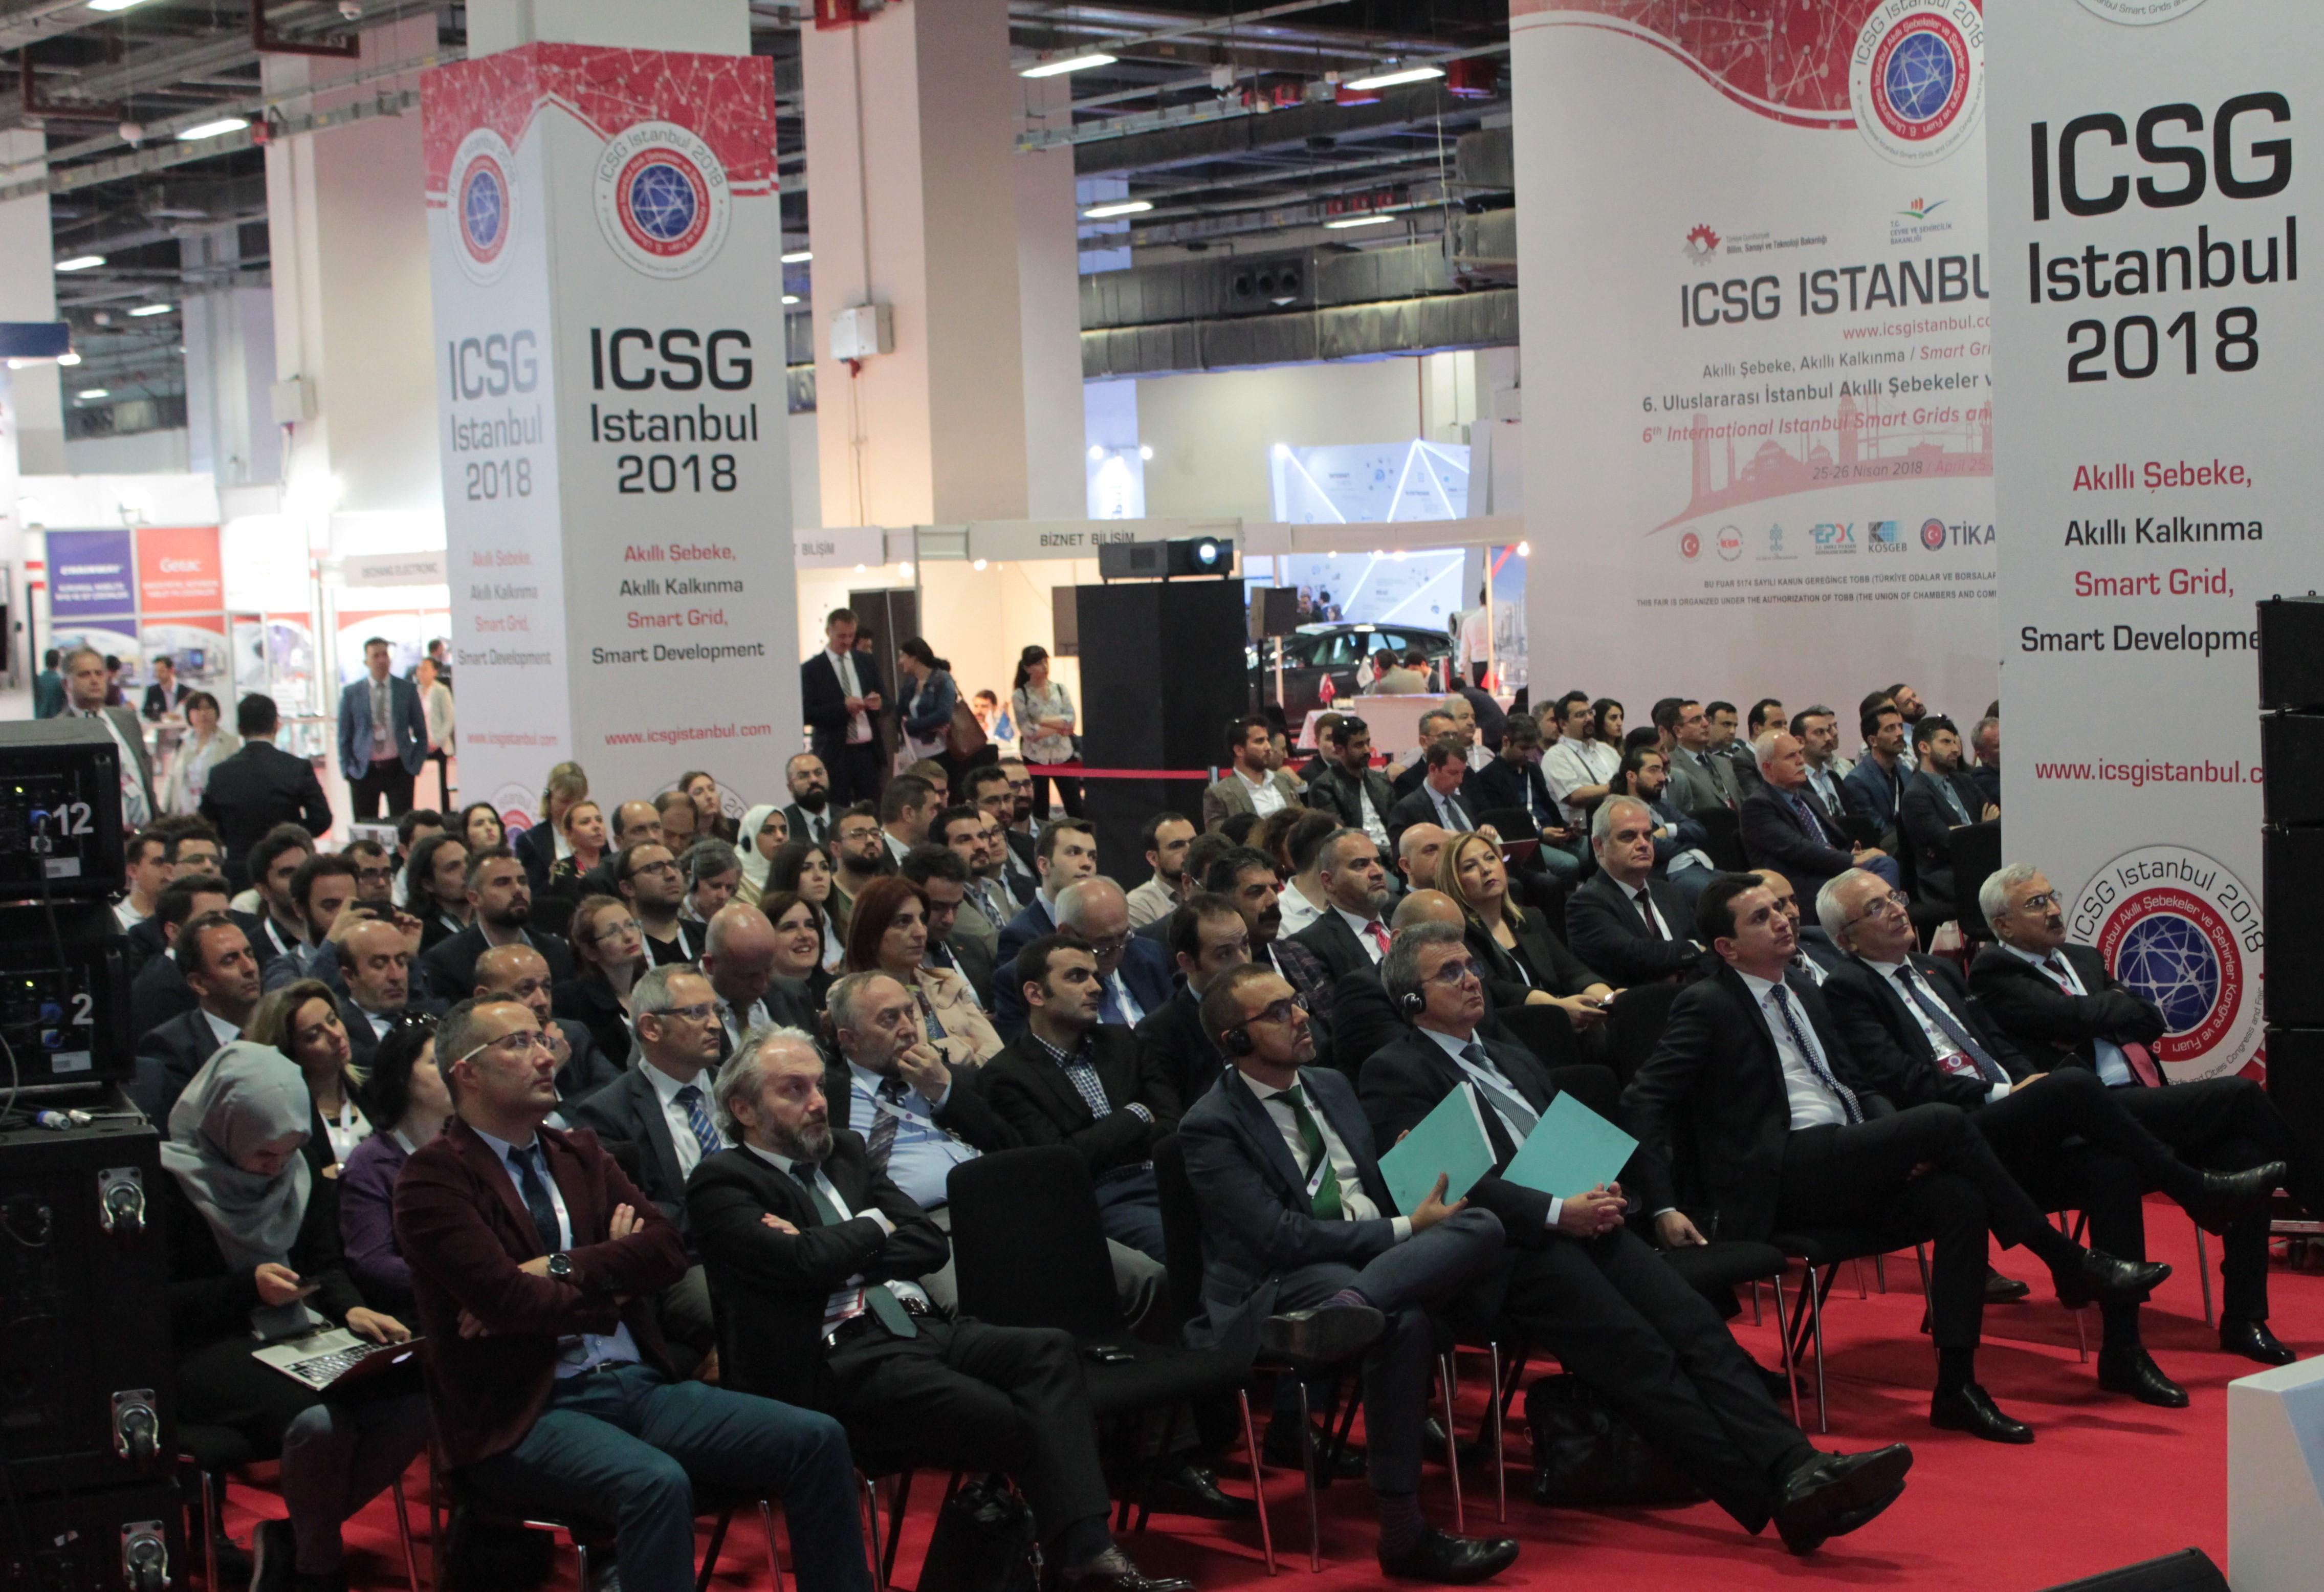 36 ÜLKENİN ENERJİ LİDERLERİ ICSG İSTANBUL 2019 İÇİN İSTANBUL'A GELİYOR